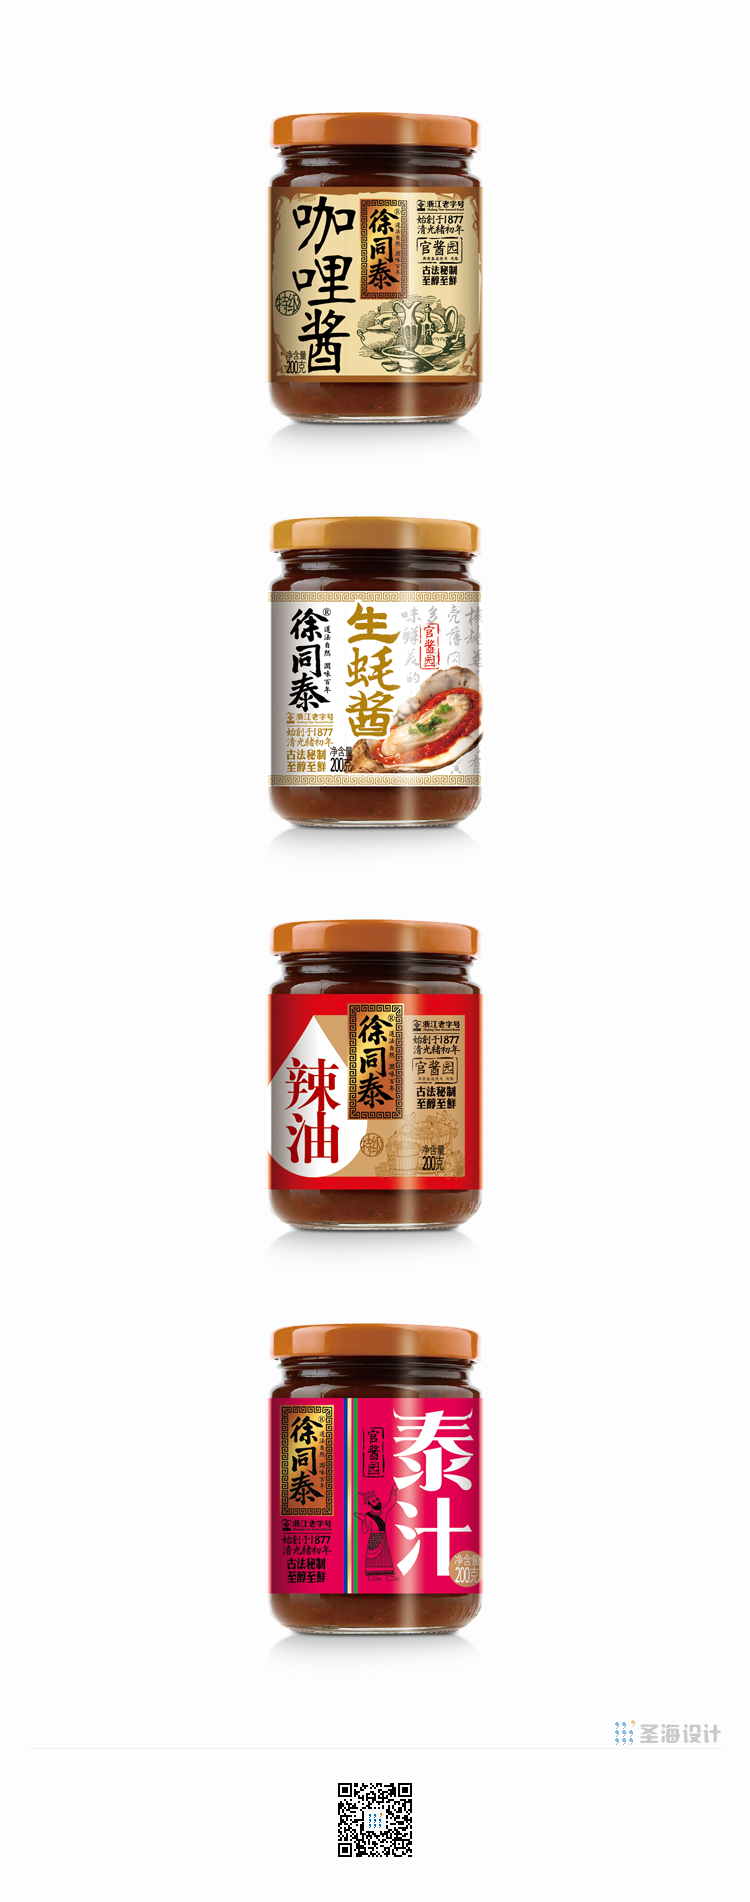 徐同泰醬制品/咖啡醬/生蠔醬/辣油/泰汁/杭州包裝設計/圣海包裝設計